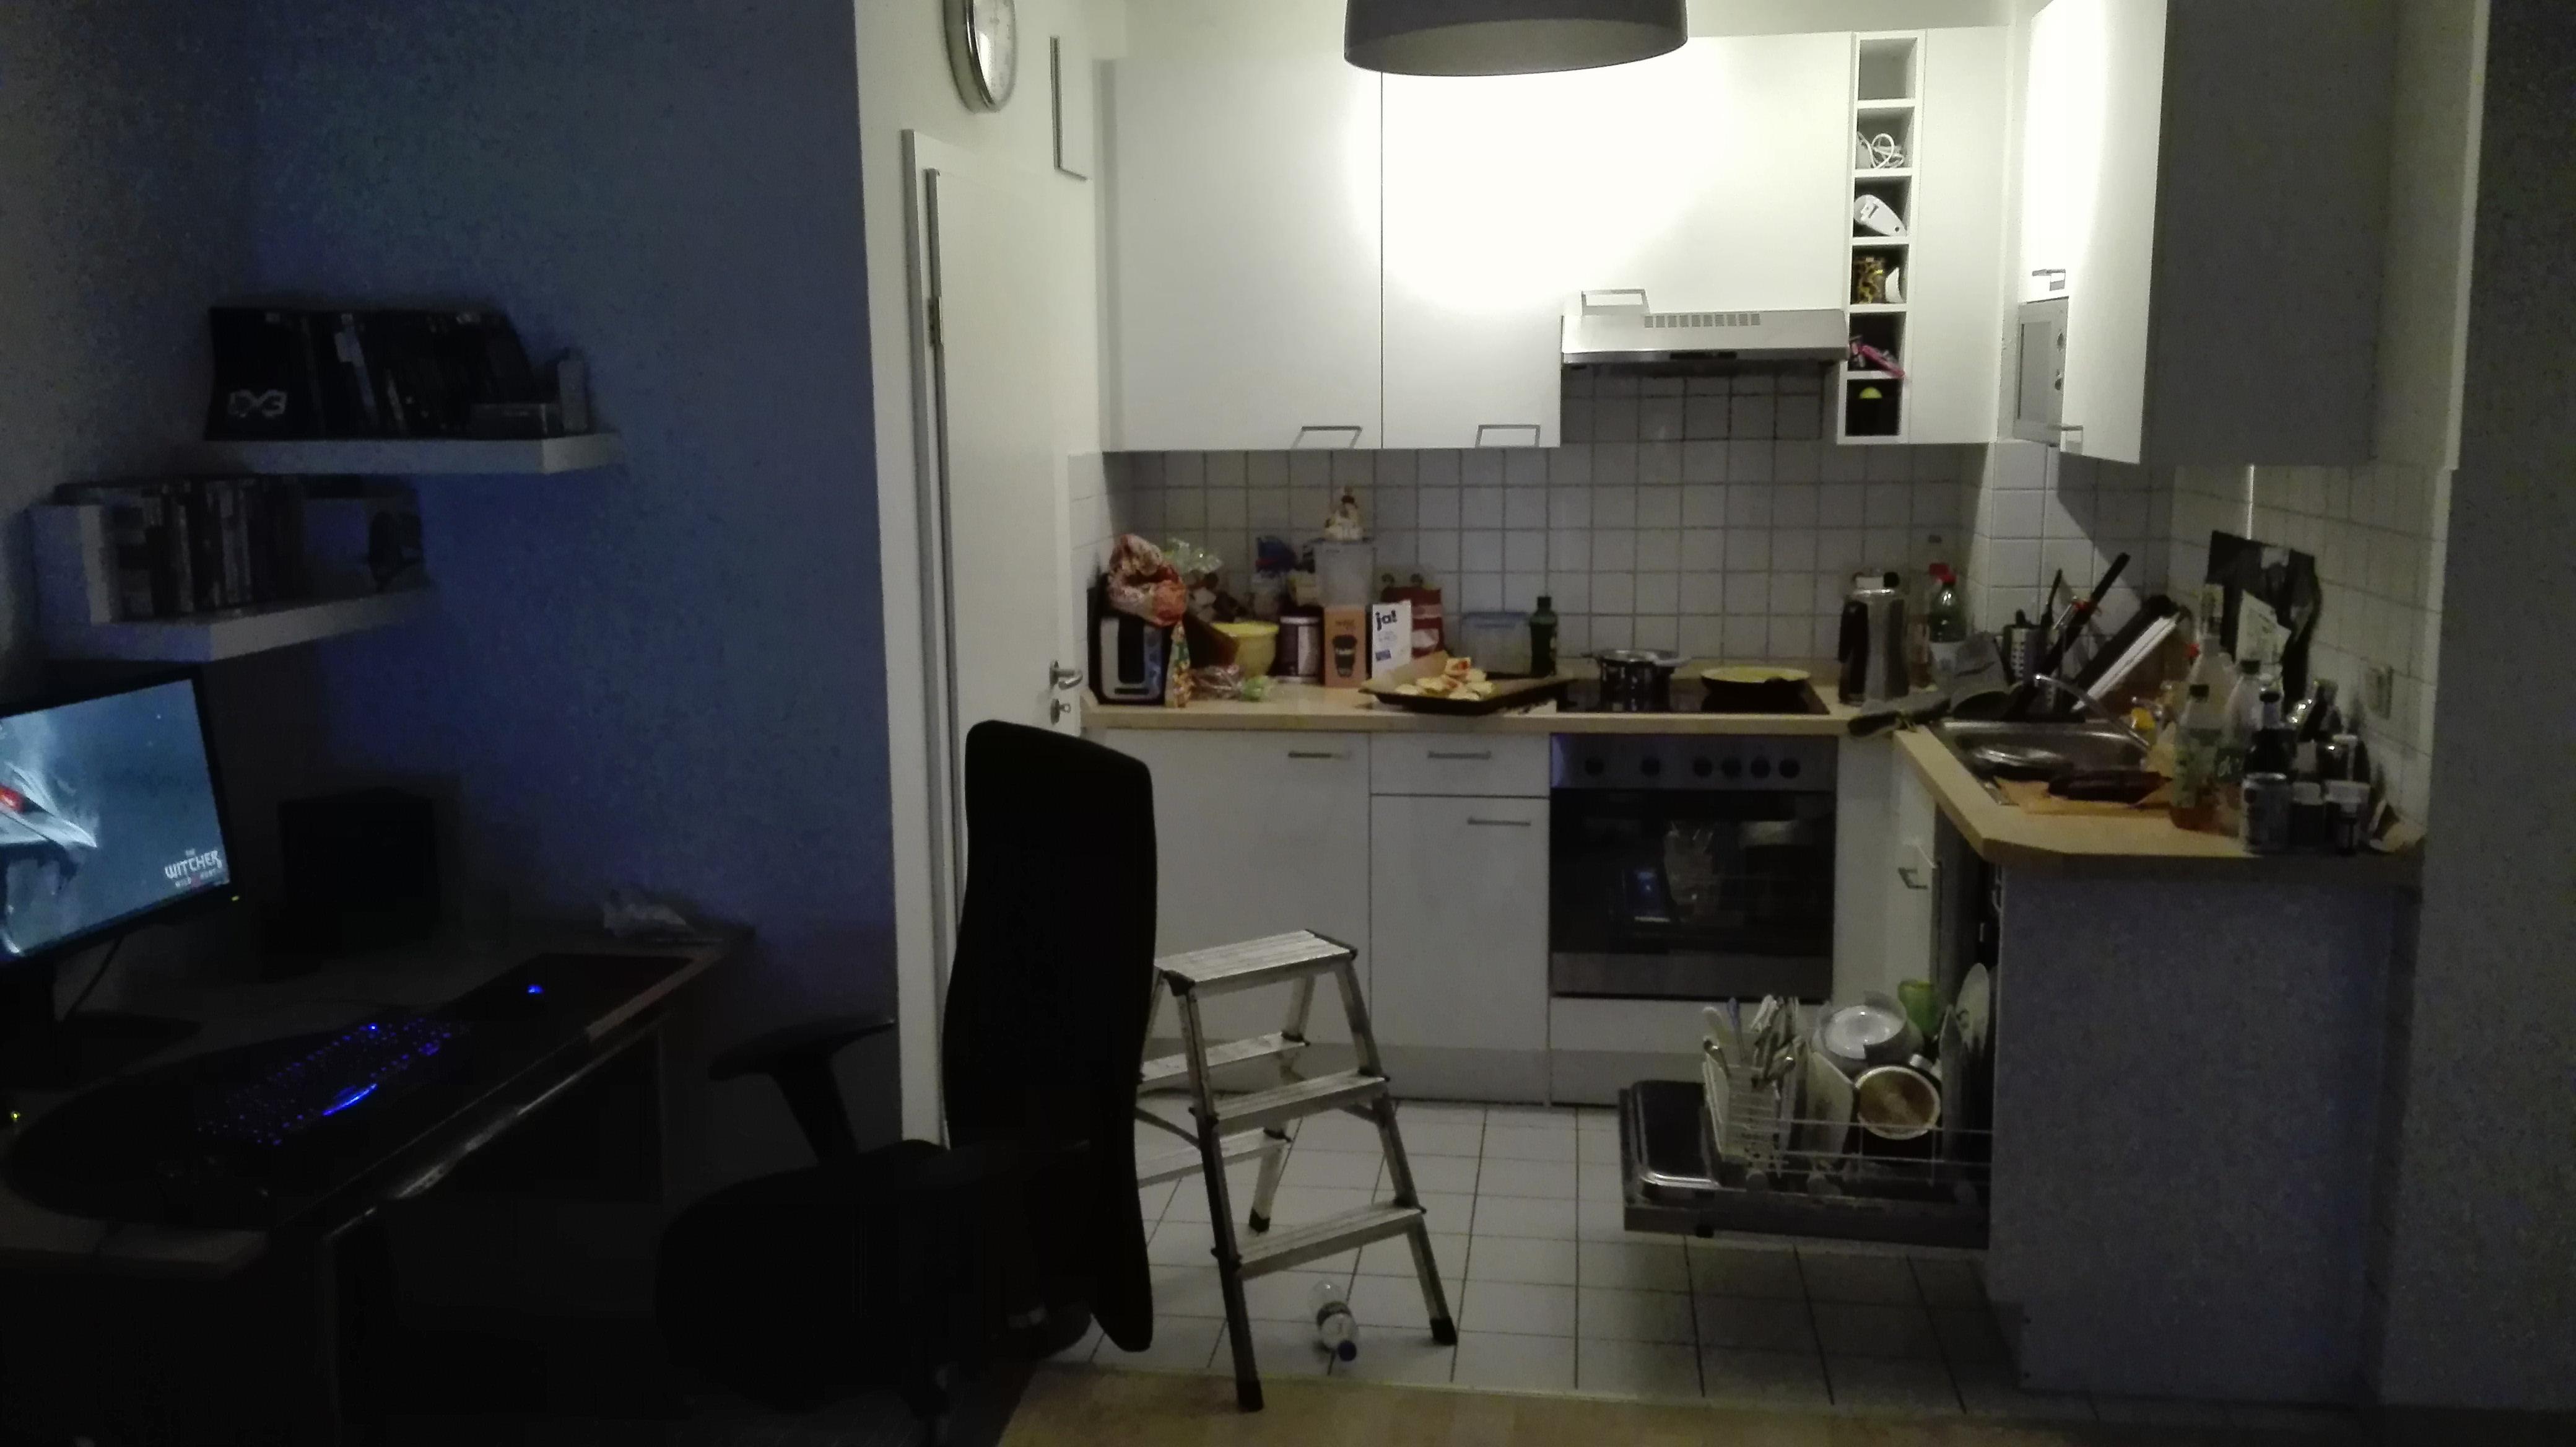 Gaming PC neben Küche schädlich? (kleine Wohnung) | ComputerBase Forum